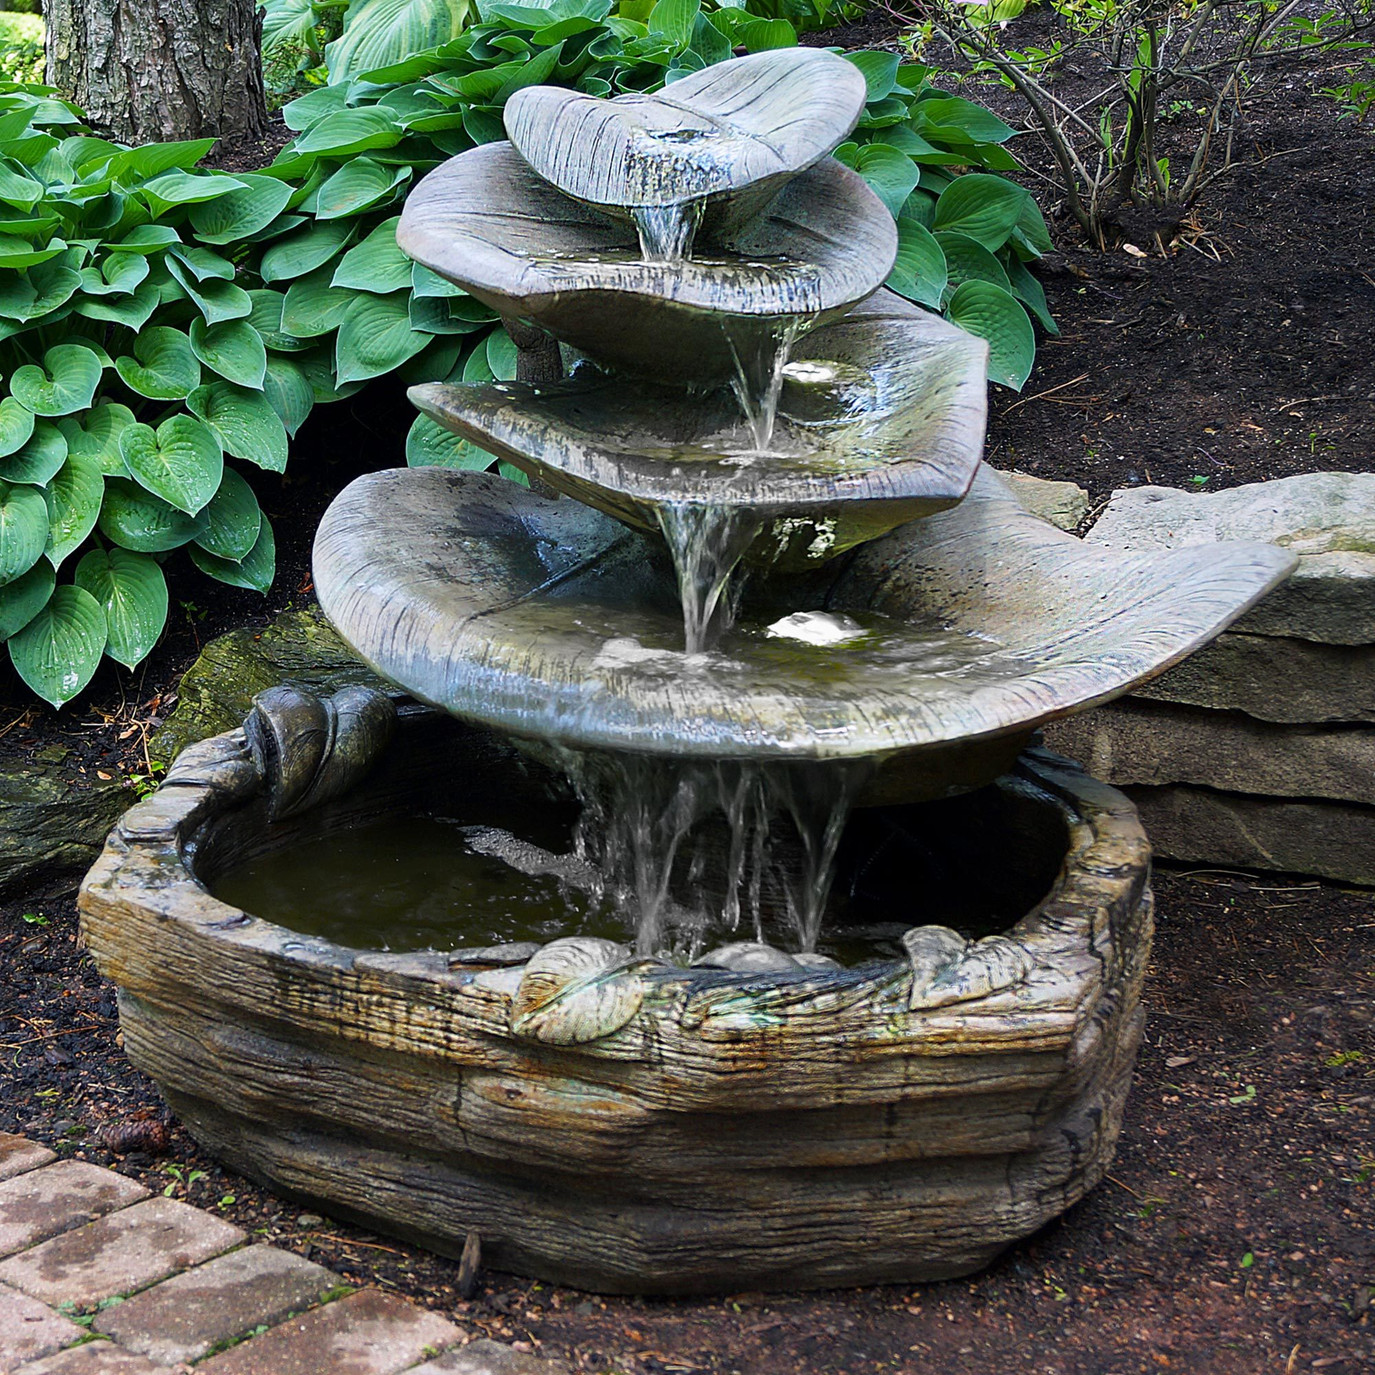 Garden Water Fountains - Large Garden Fountains